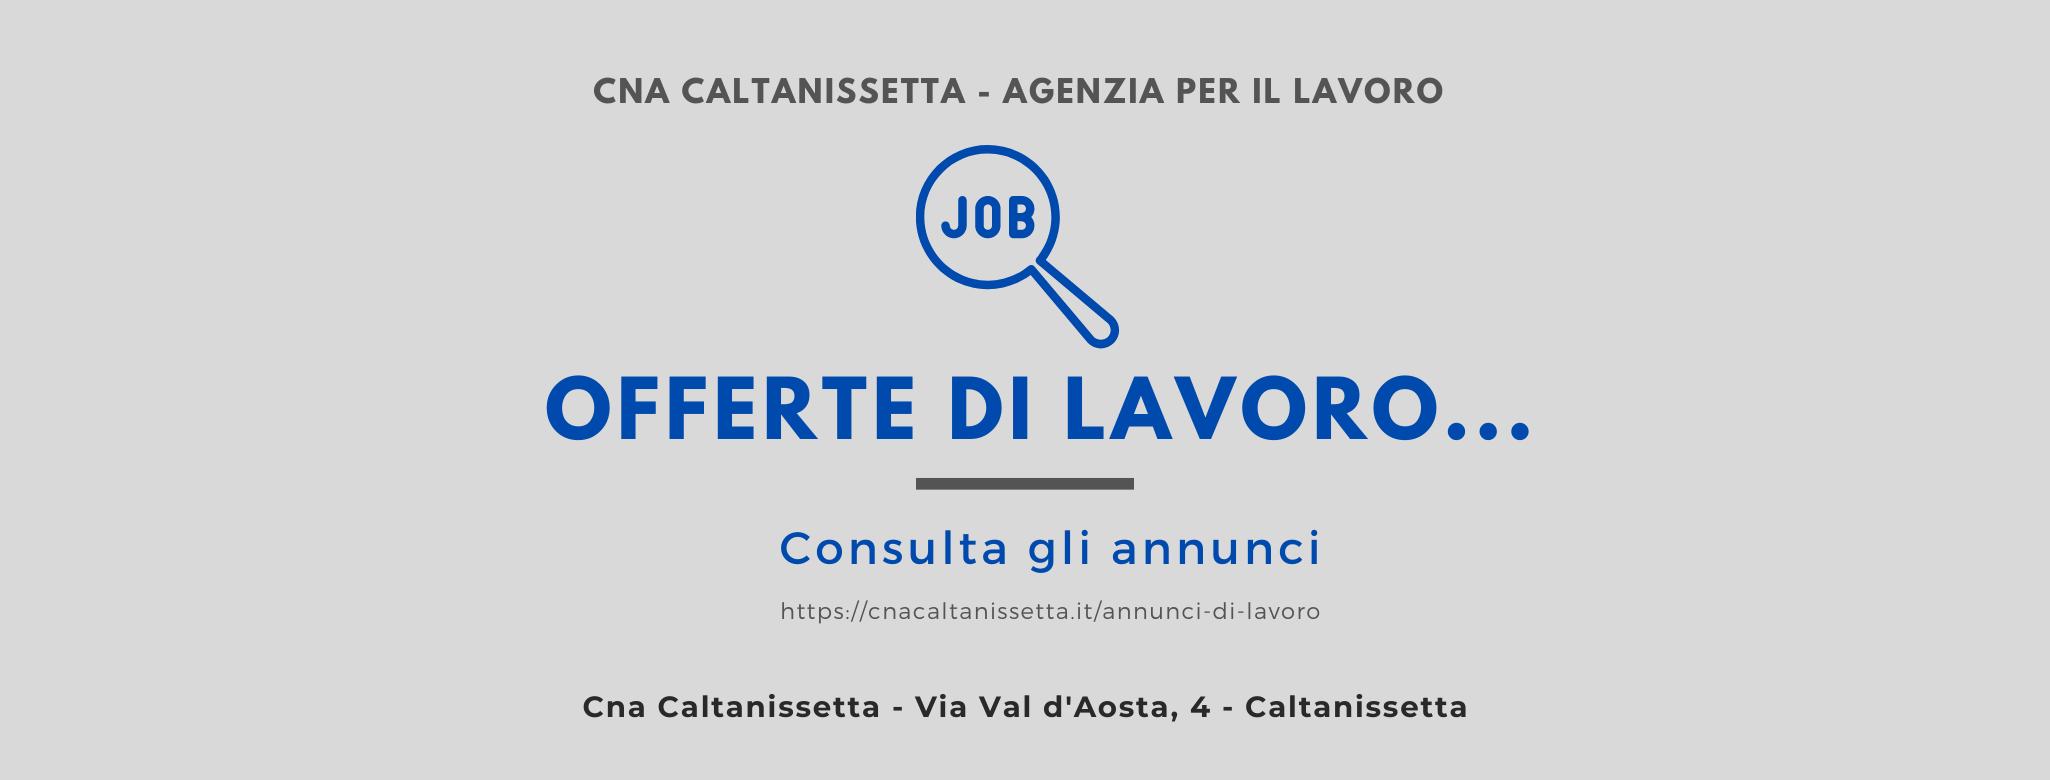 https://cnacaltanissetta.it/cassa-integrazione-per-i-dipendenti-delle-imprese-artigiane/